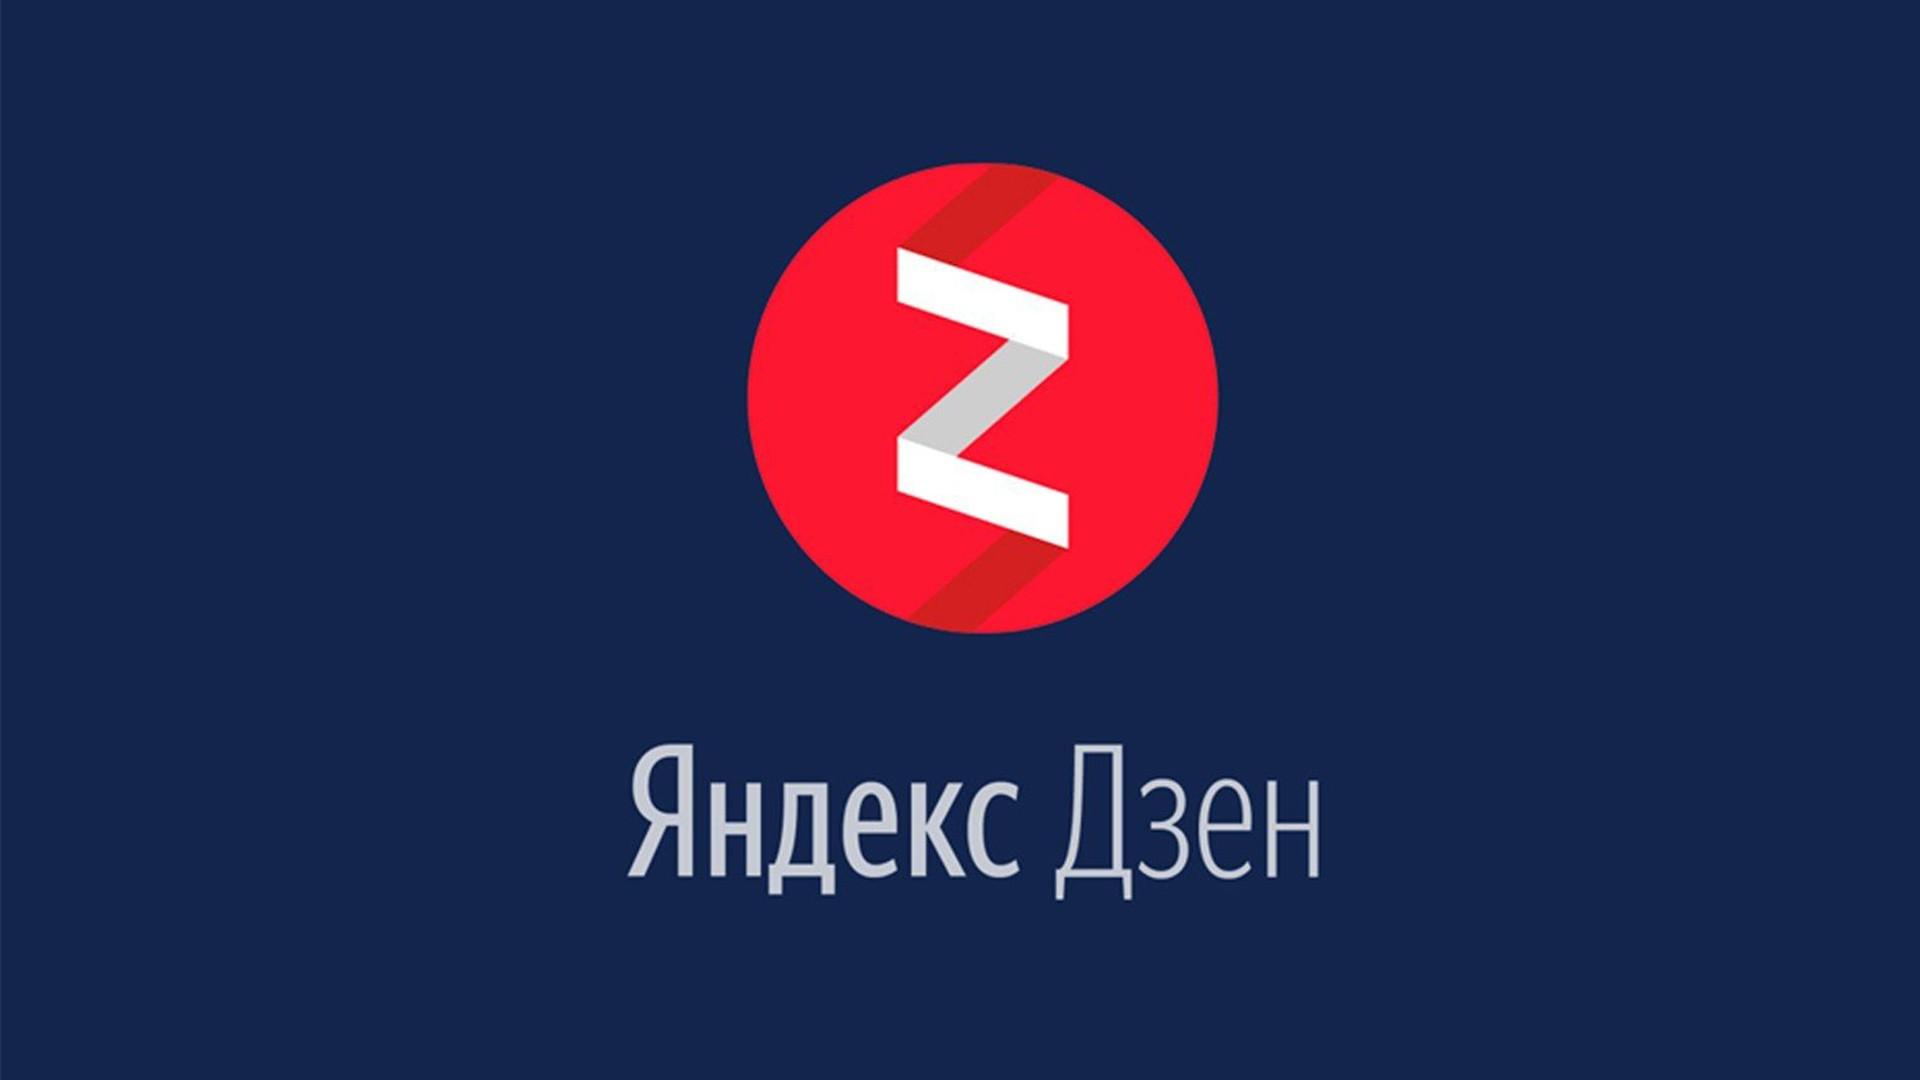 «Яндекс.Дзен» подвёл итоги 2018 года